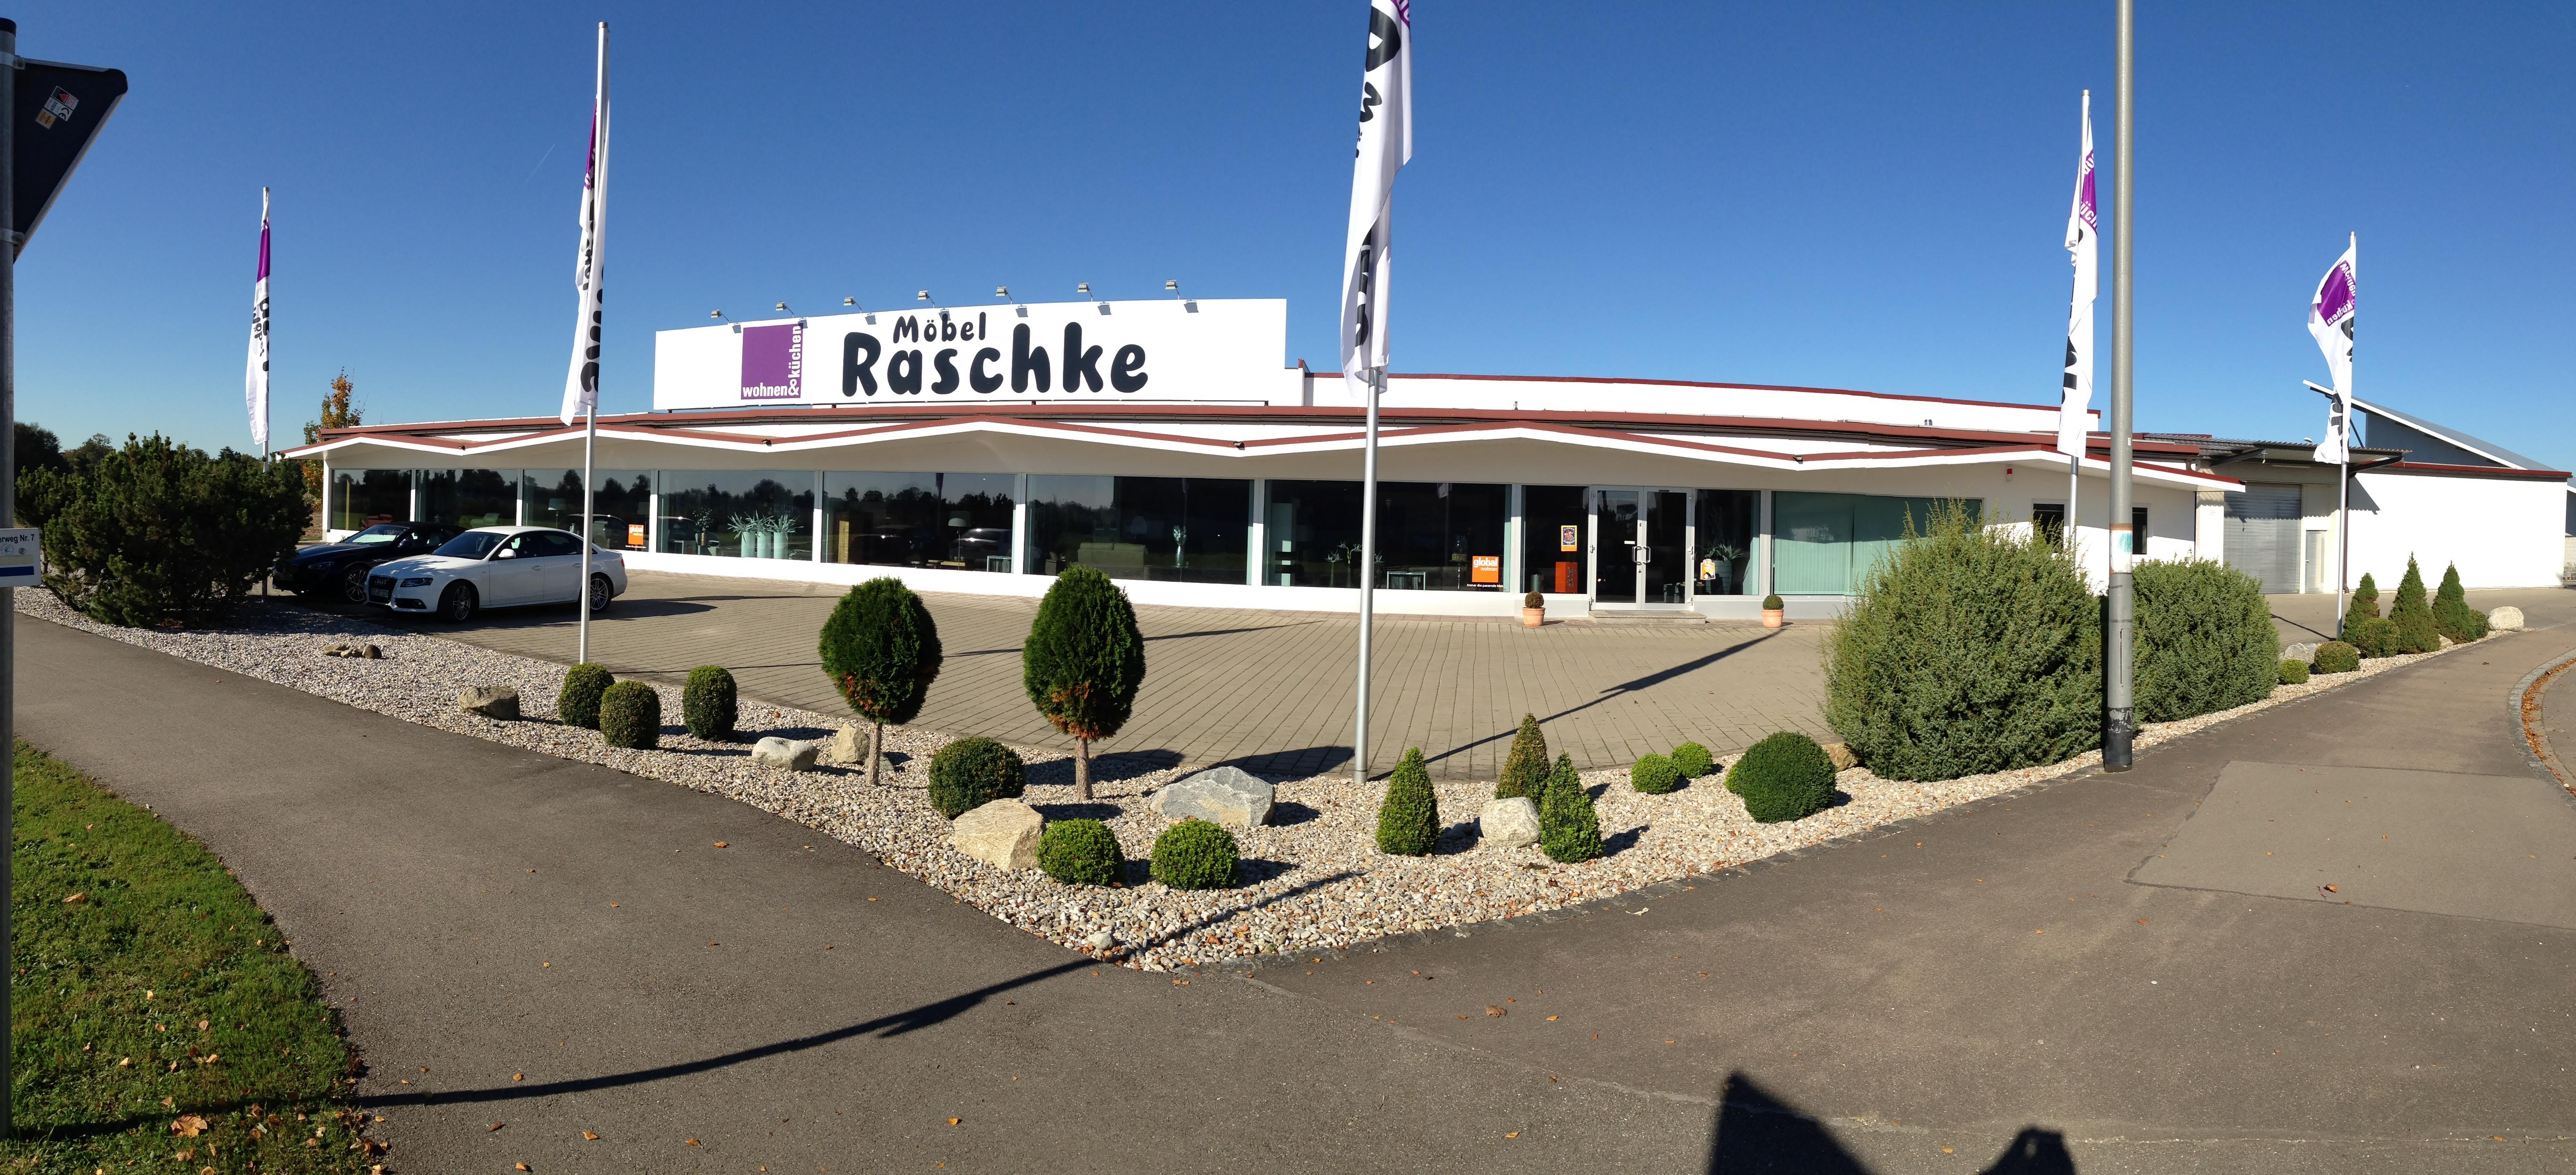 moebel-raschke-gmbh-rehling banner